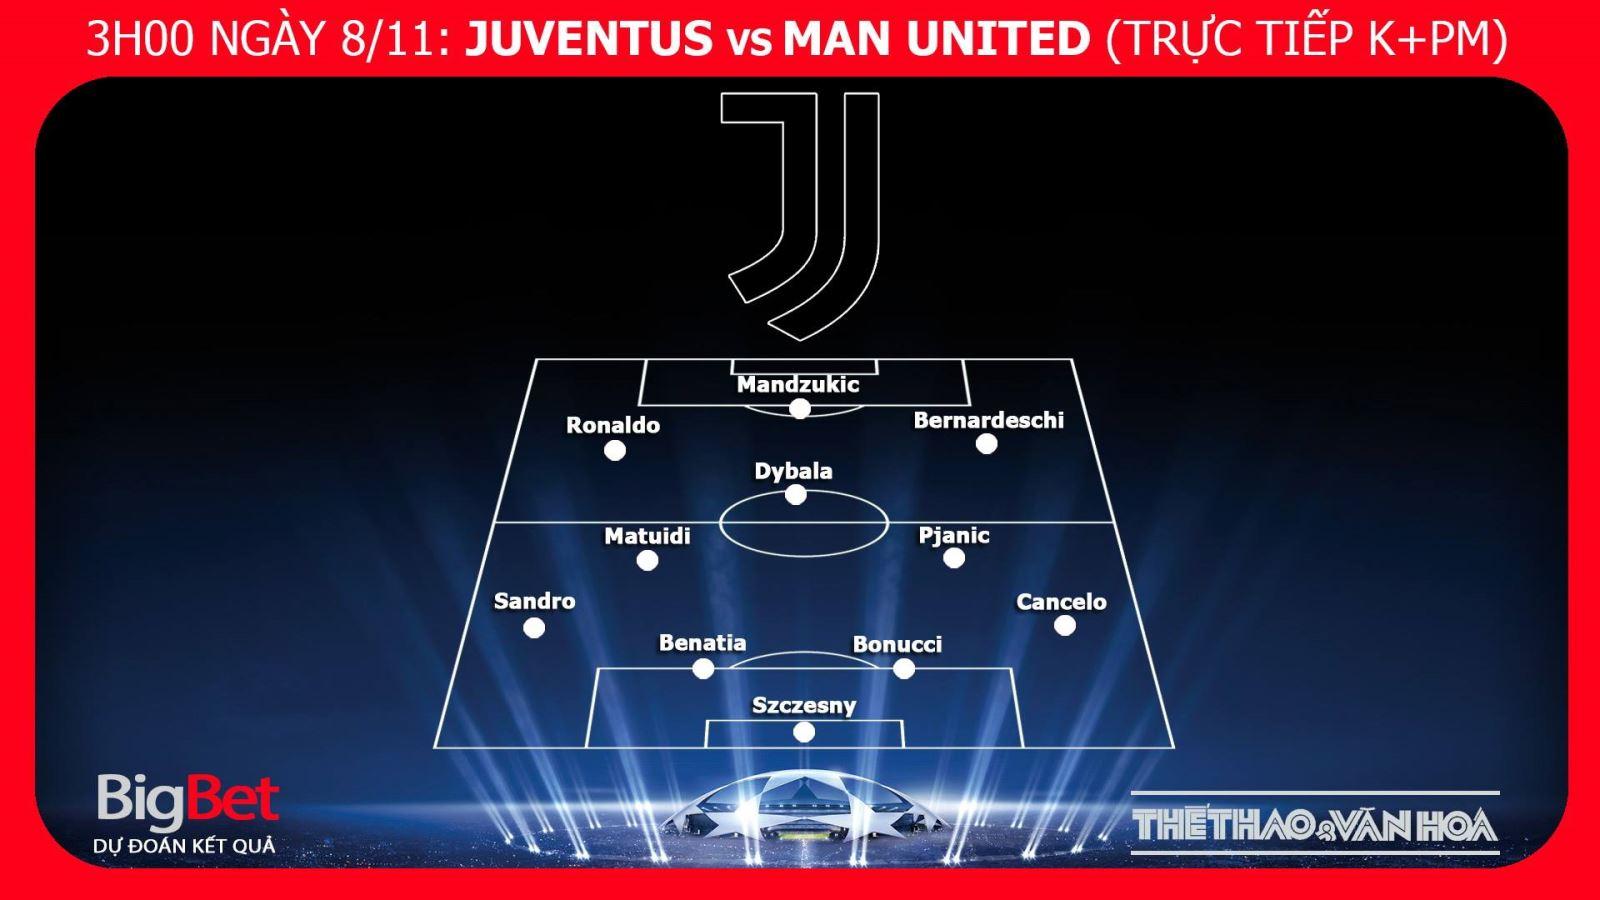 MU, Kèo MU, Kèo Juventus vs MU, Kèo MU vs Juve, Nhận định Juve vs MU, Manchester United, Juventus, Juve, Dự đoán bóng đá, trực tiếp bóng đá, lịch thi đấu cúp c1